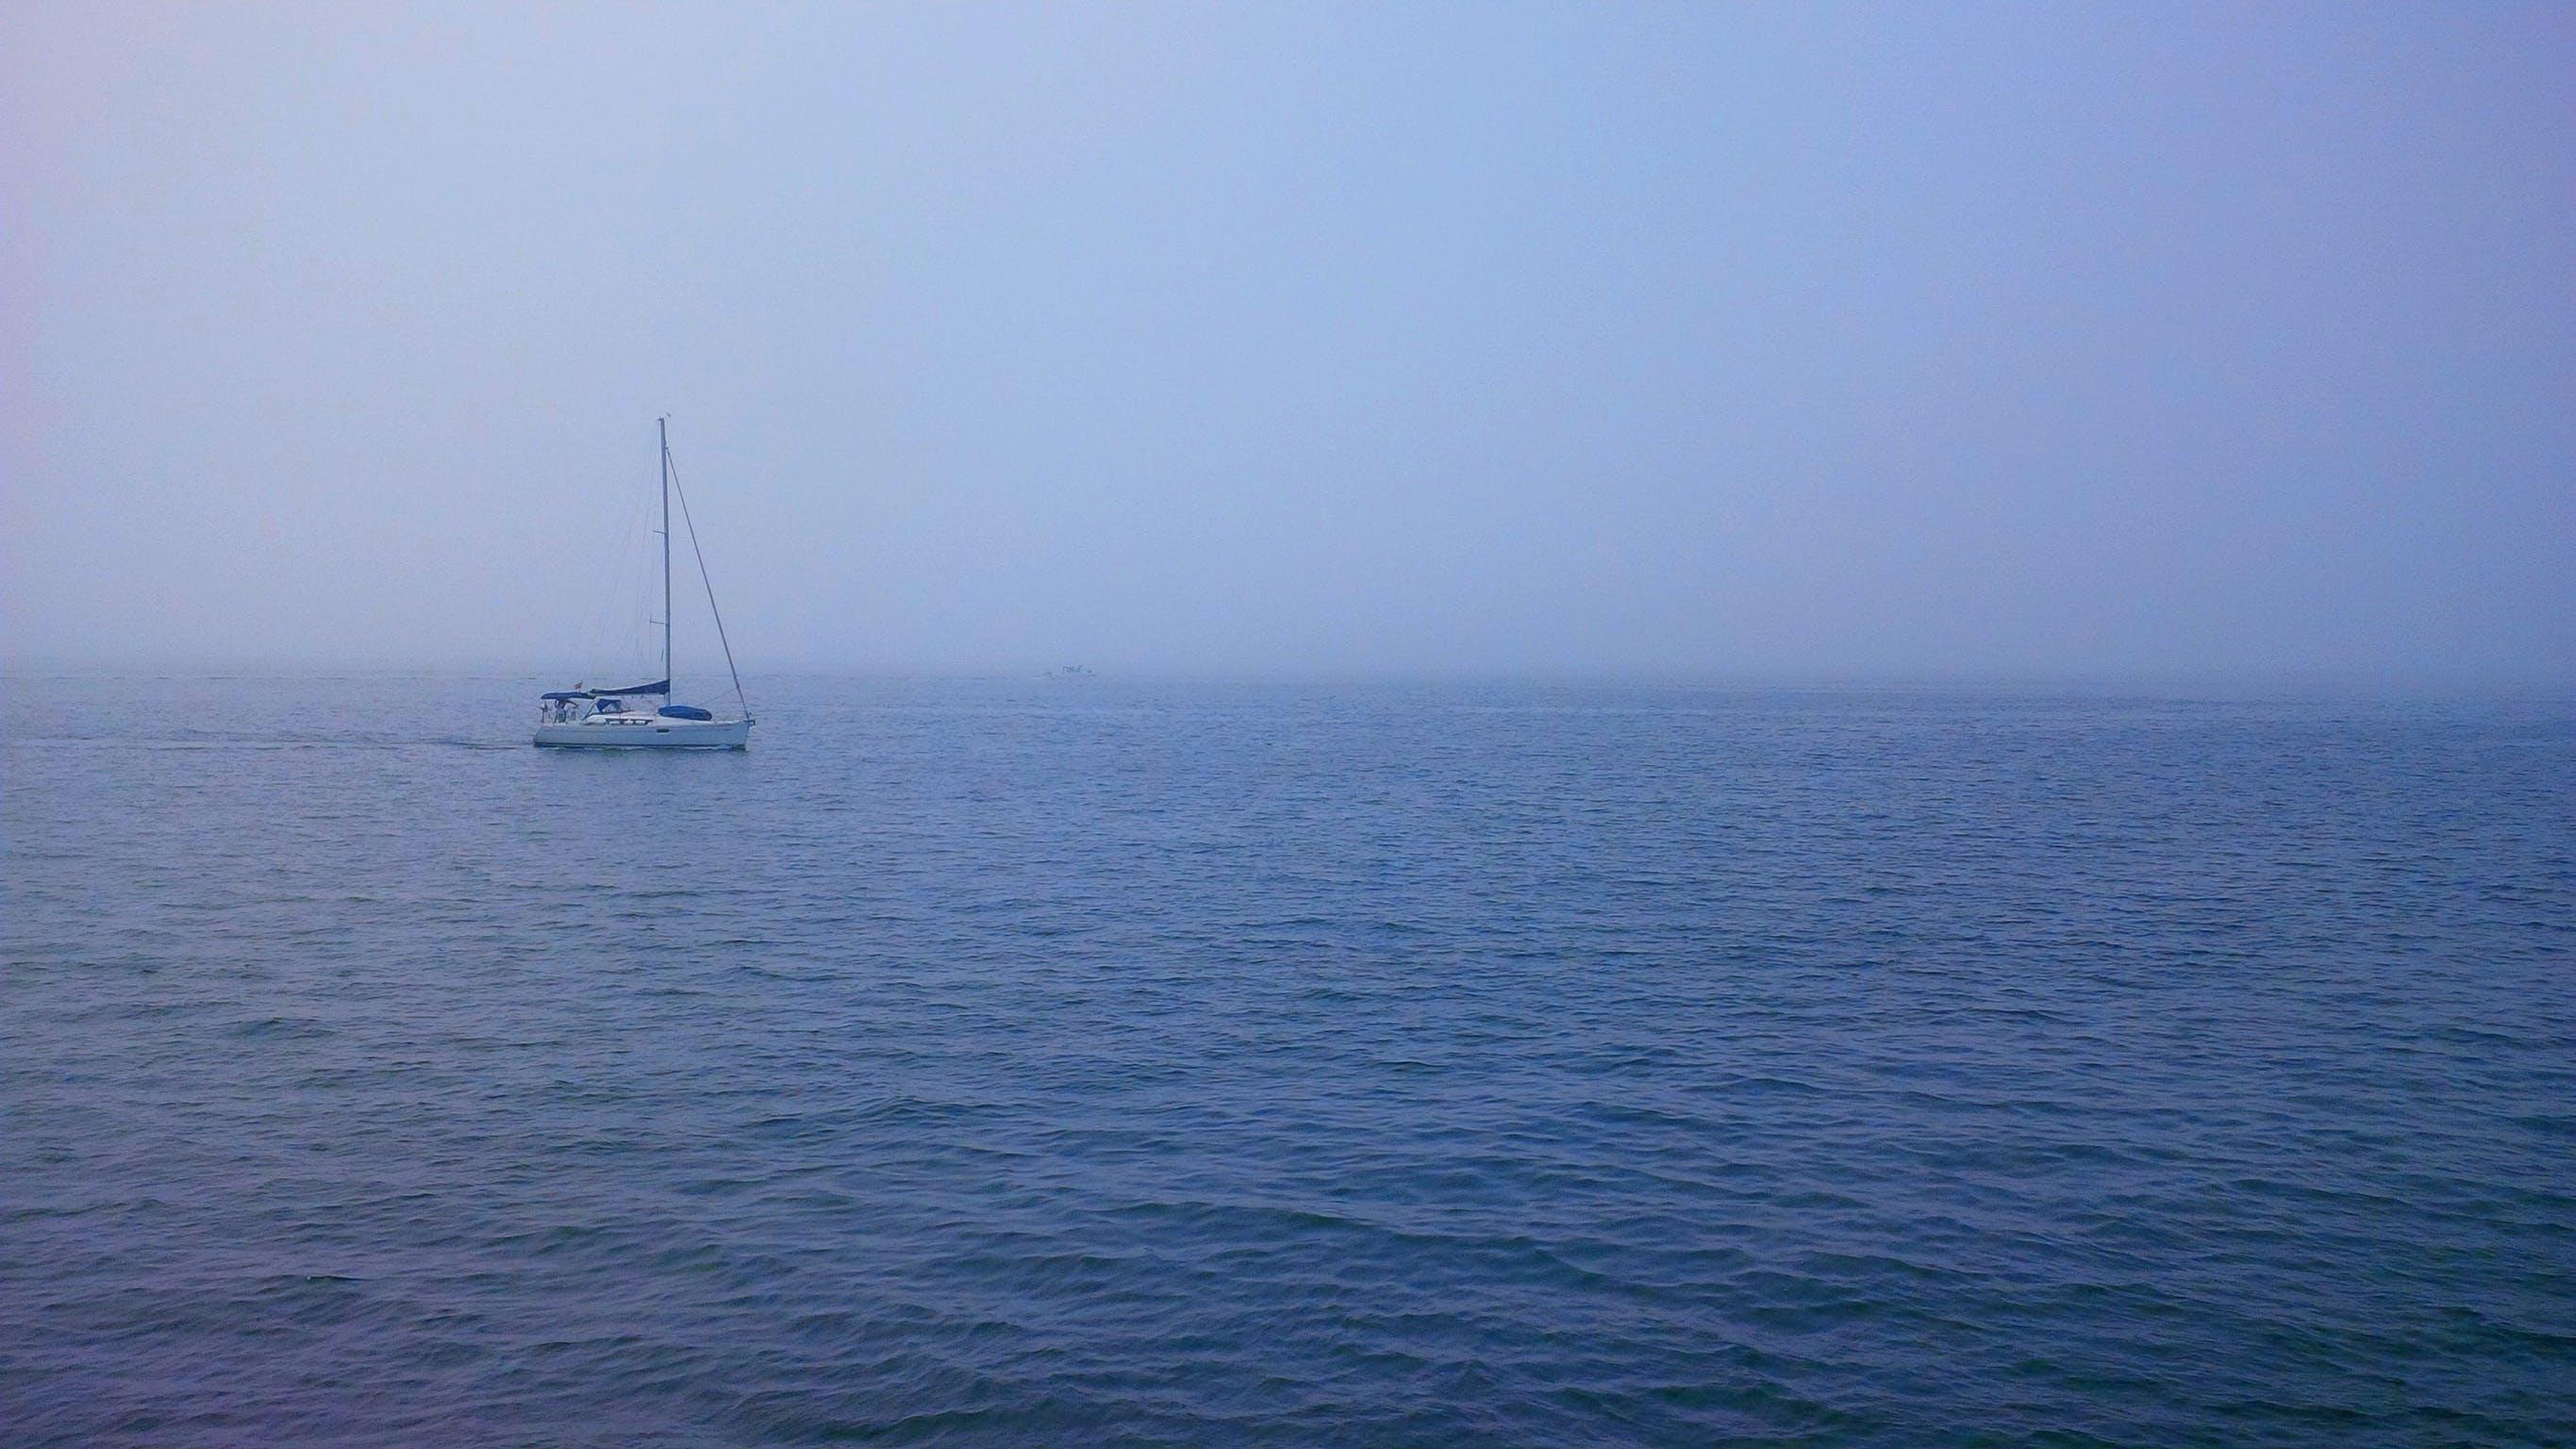 Free stock photo of boat, foggy, isolated, lake